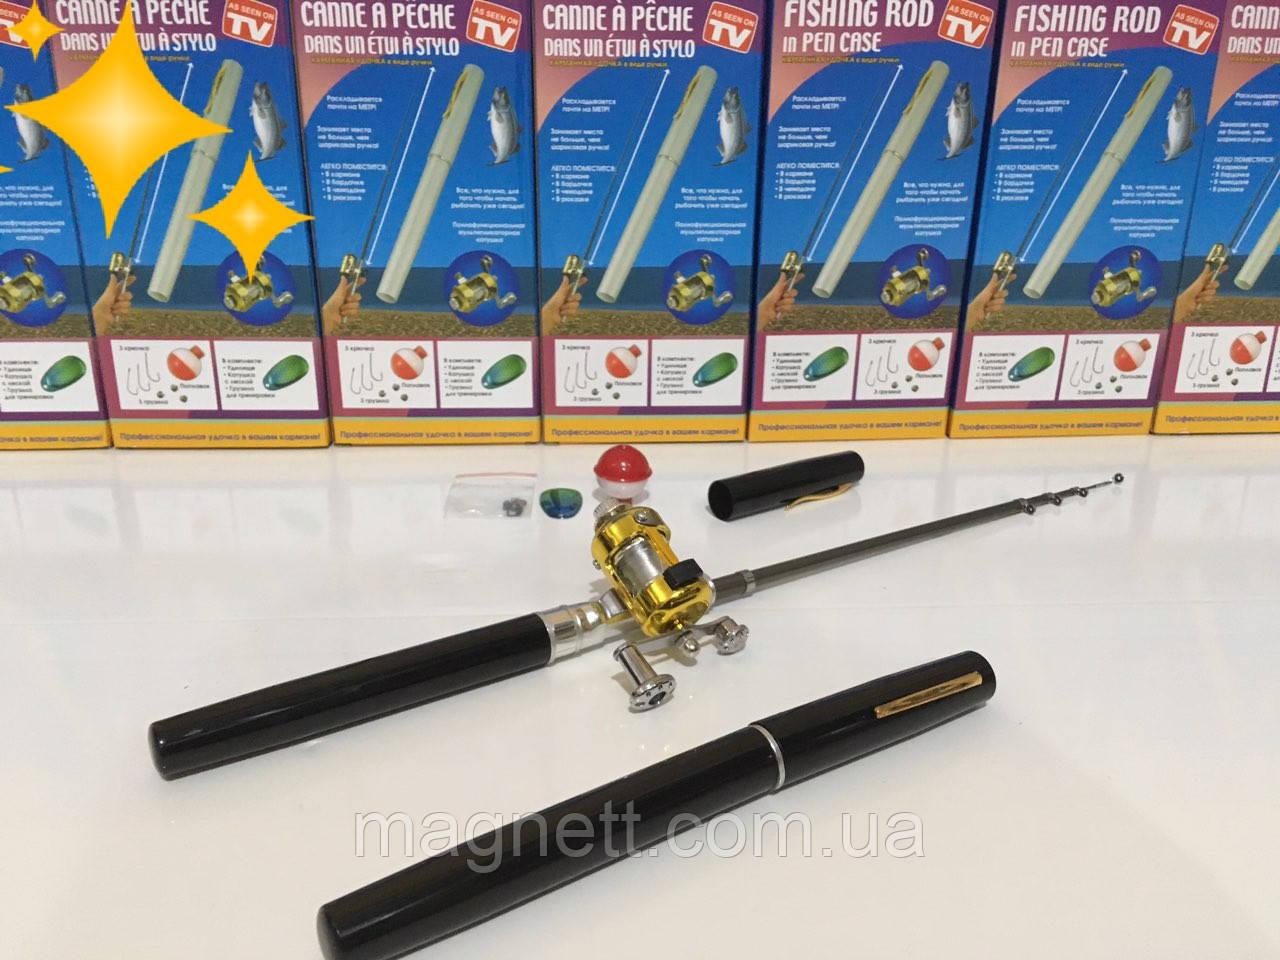 Полный набор Мини удочка в форме ручки с катушкой (Разные Цвета)